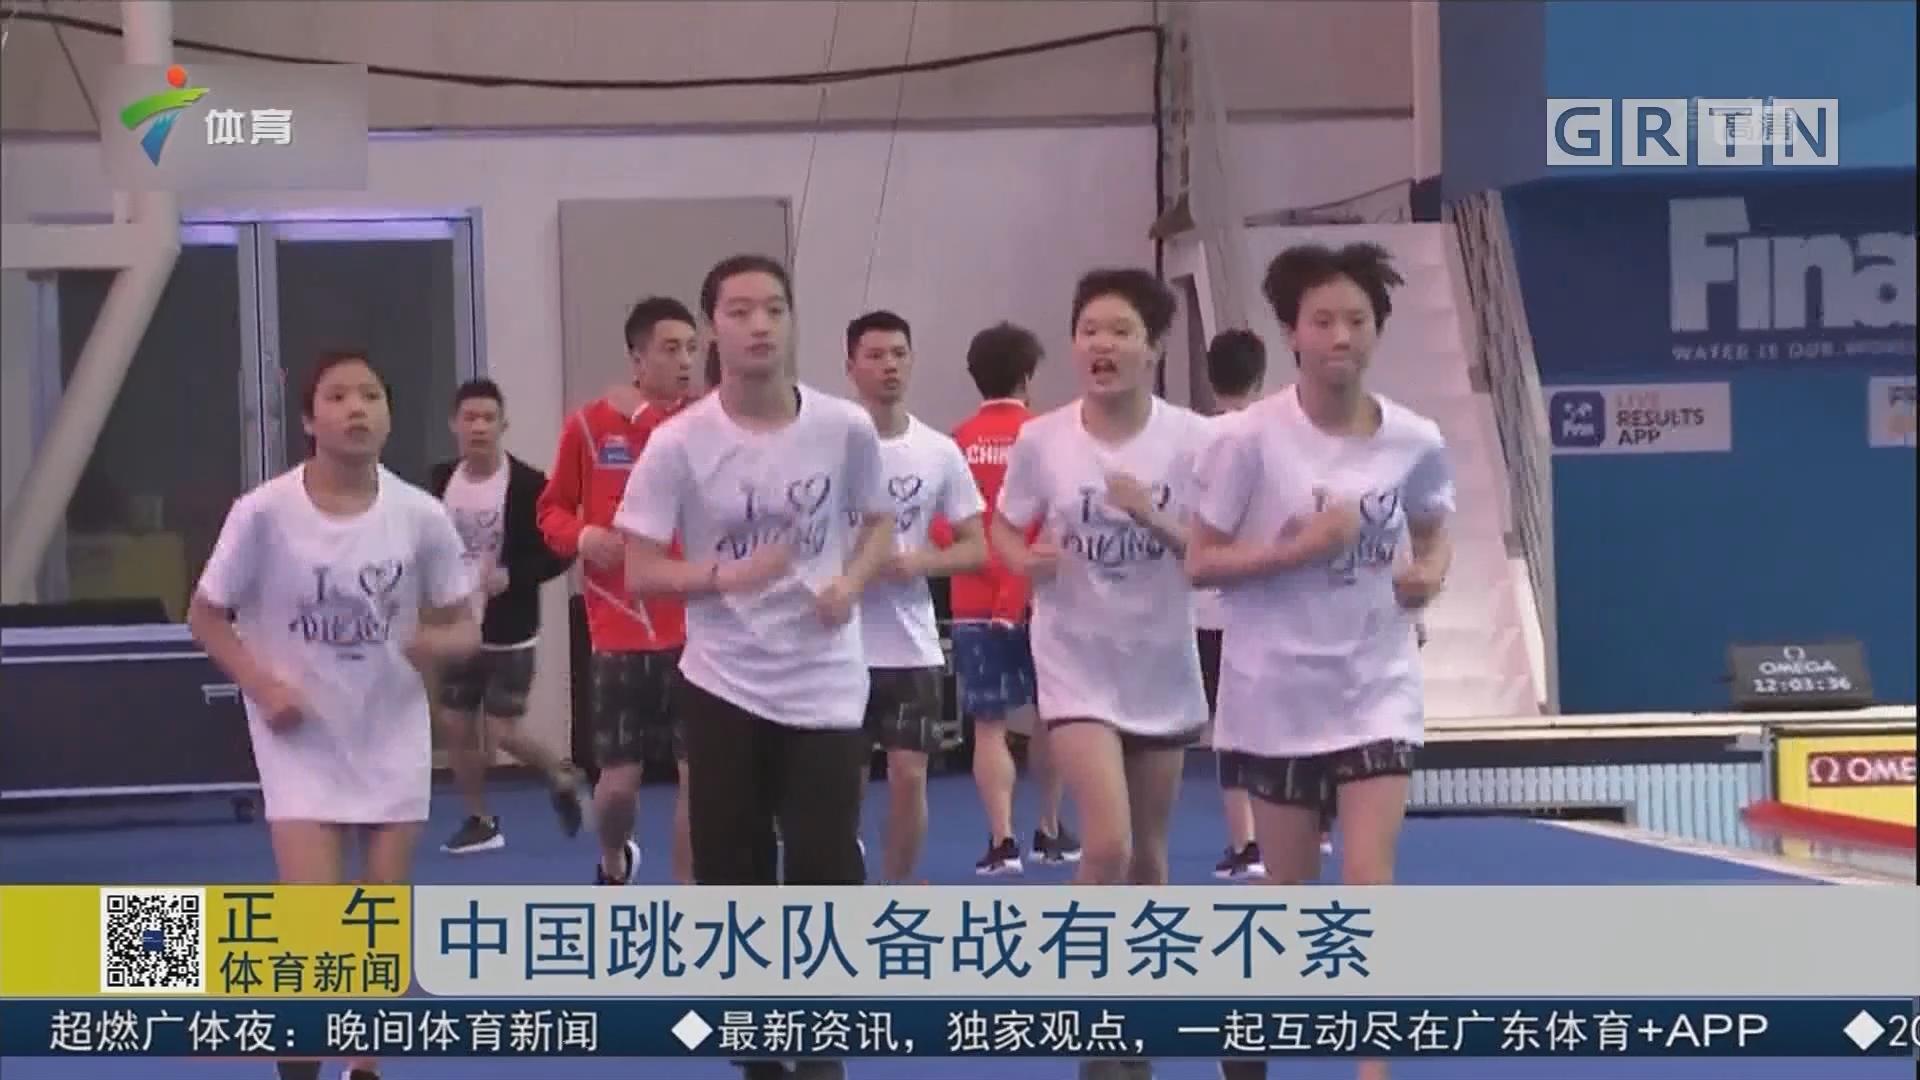 中国跳水队备战有条不紊